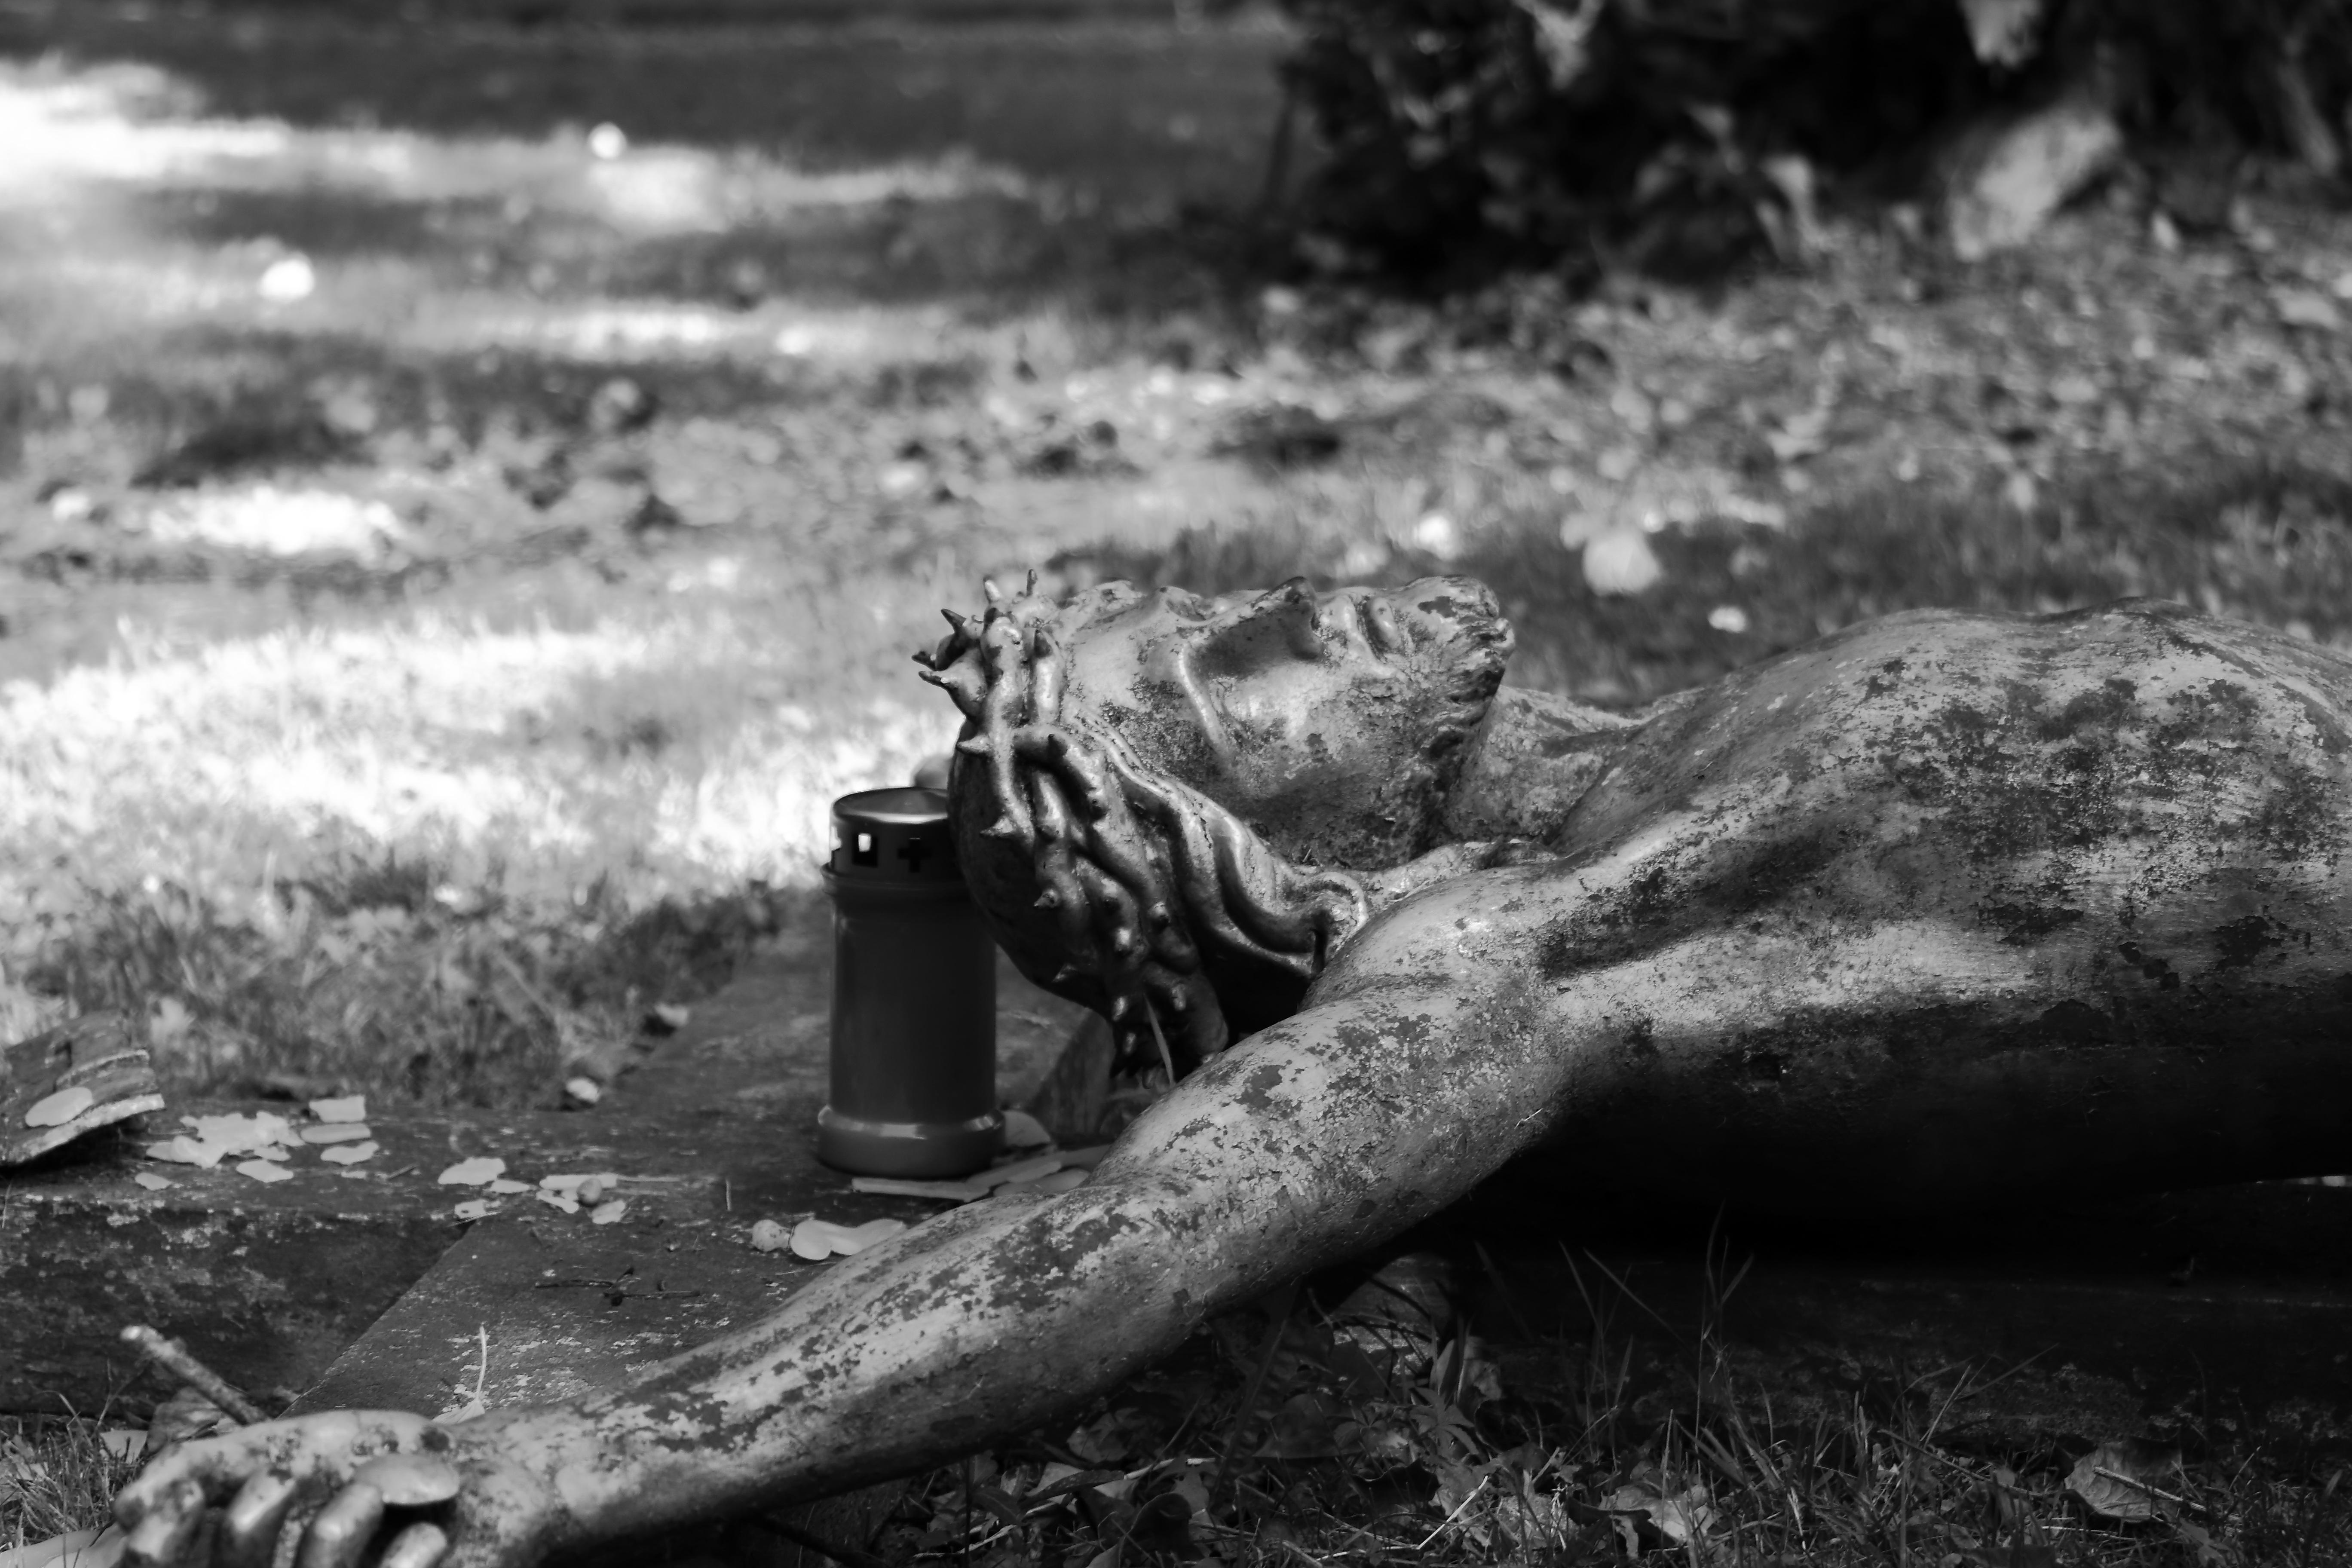 Fotos Gratis : árbol, En Blanco Y Negro, Fotografía